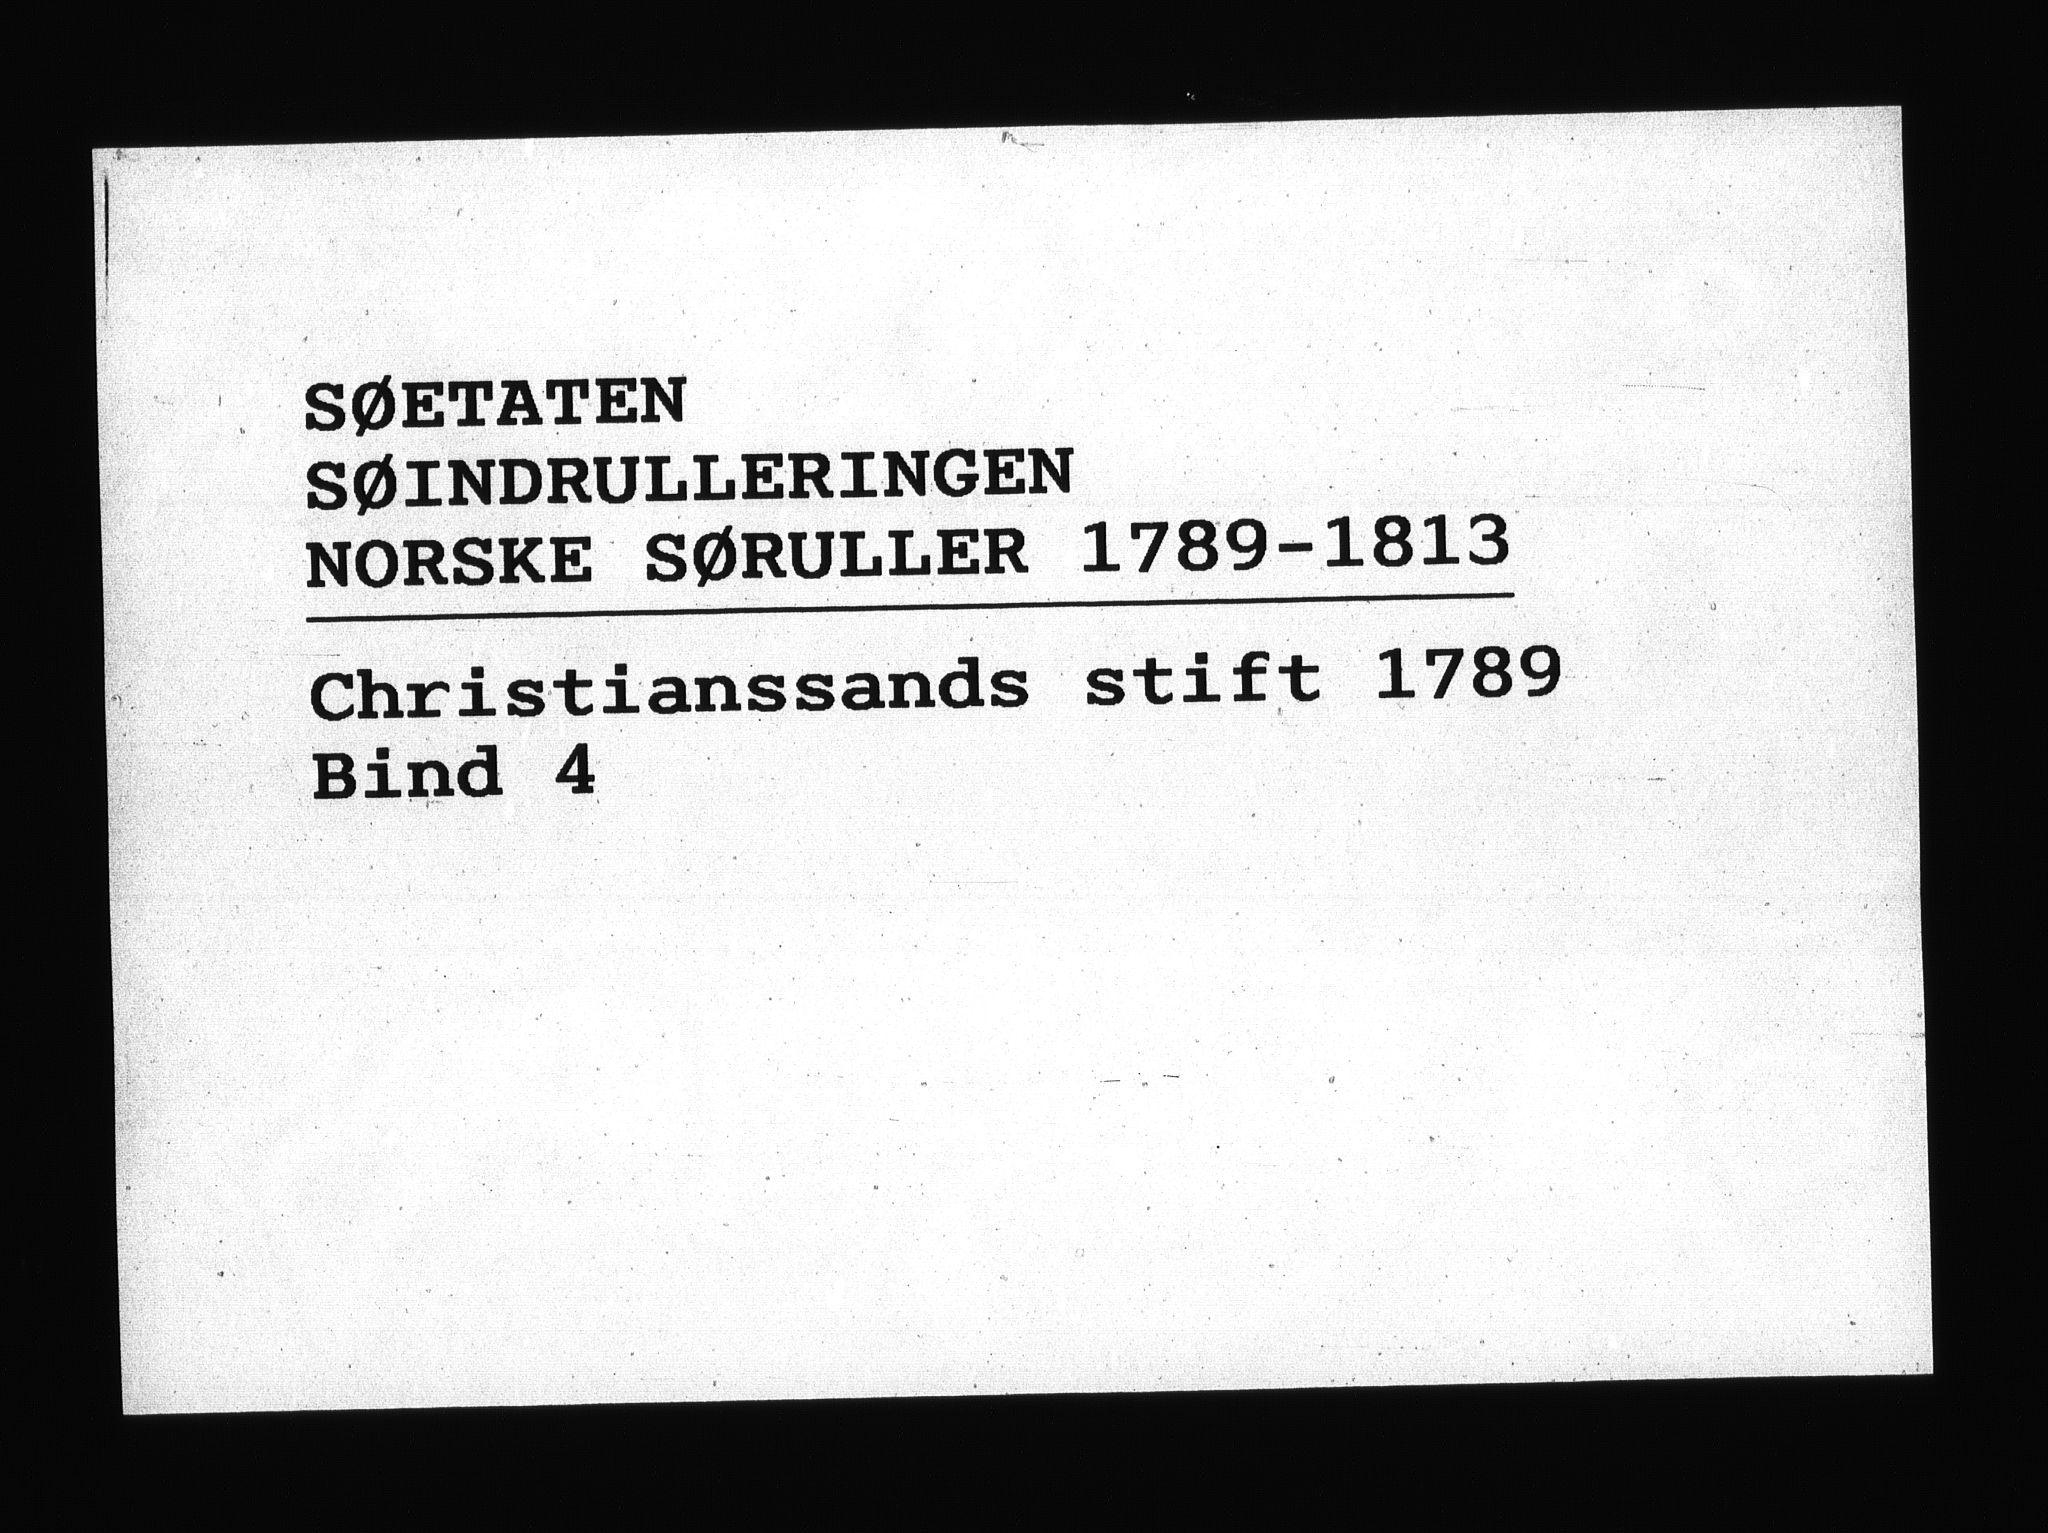 RA, Sjøetaten, F/L0011: Kristiansand stift, bind 4, 1789